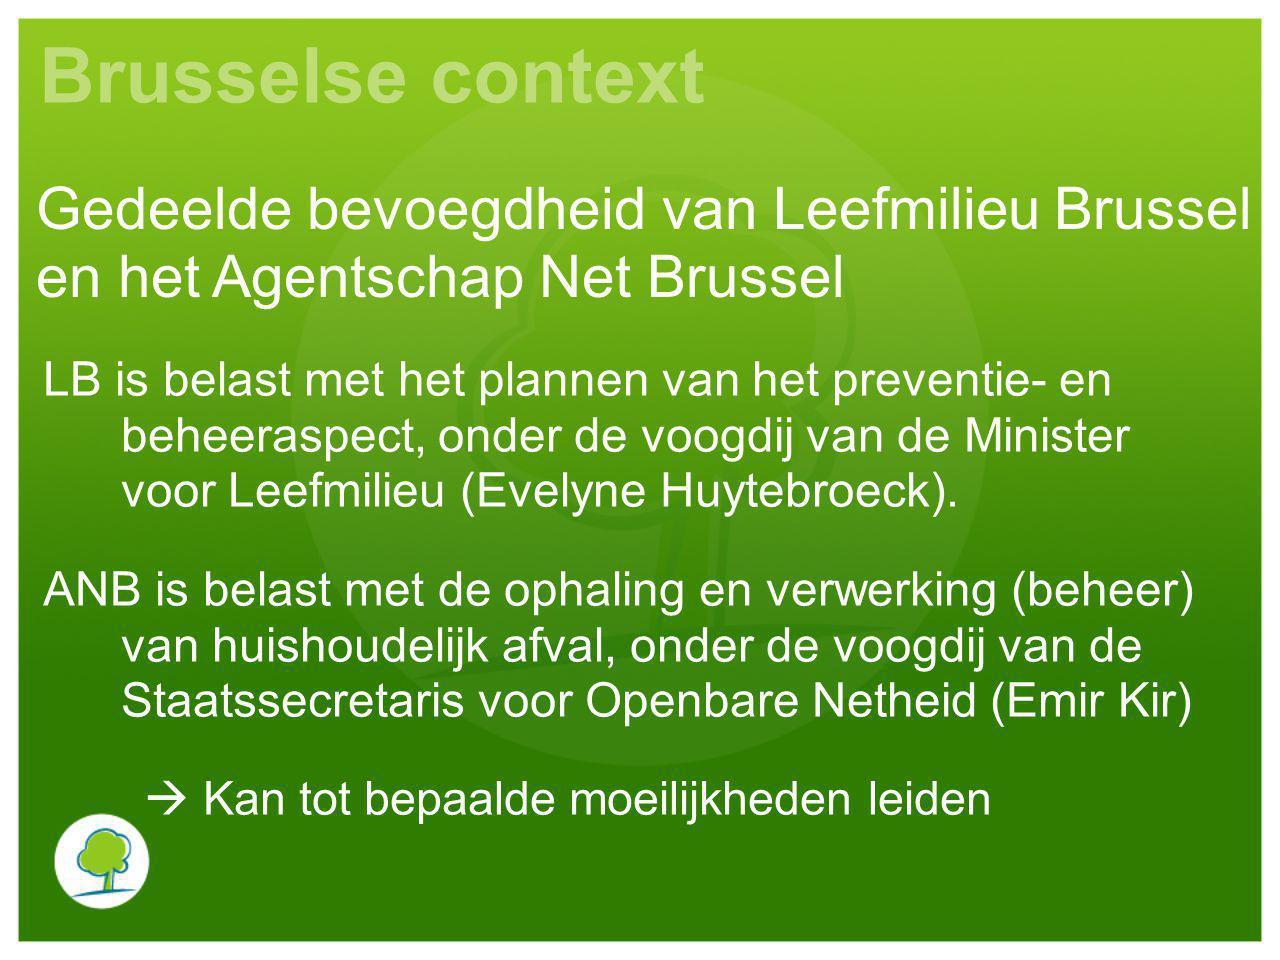 Brusselse context Gedeelde bevoegdheid van Leefmilieu Brussel en het Agentschap Net Brussel.